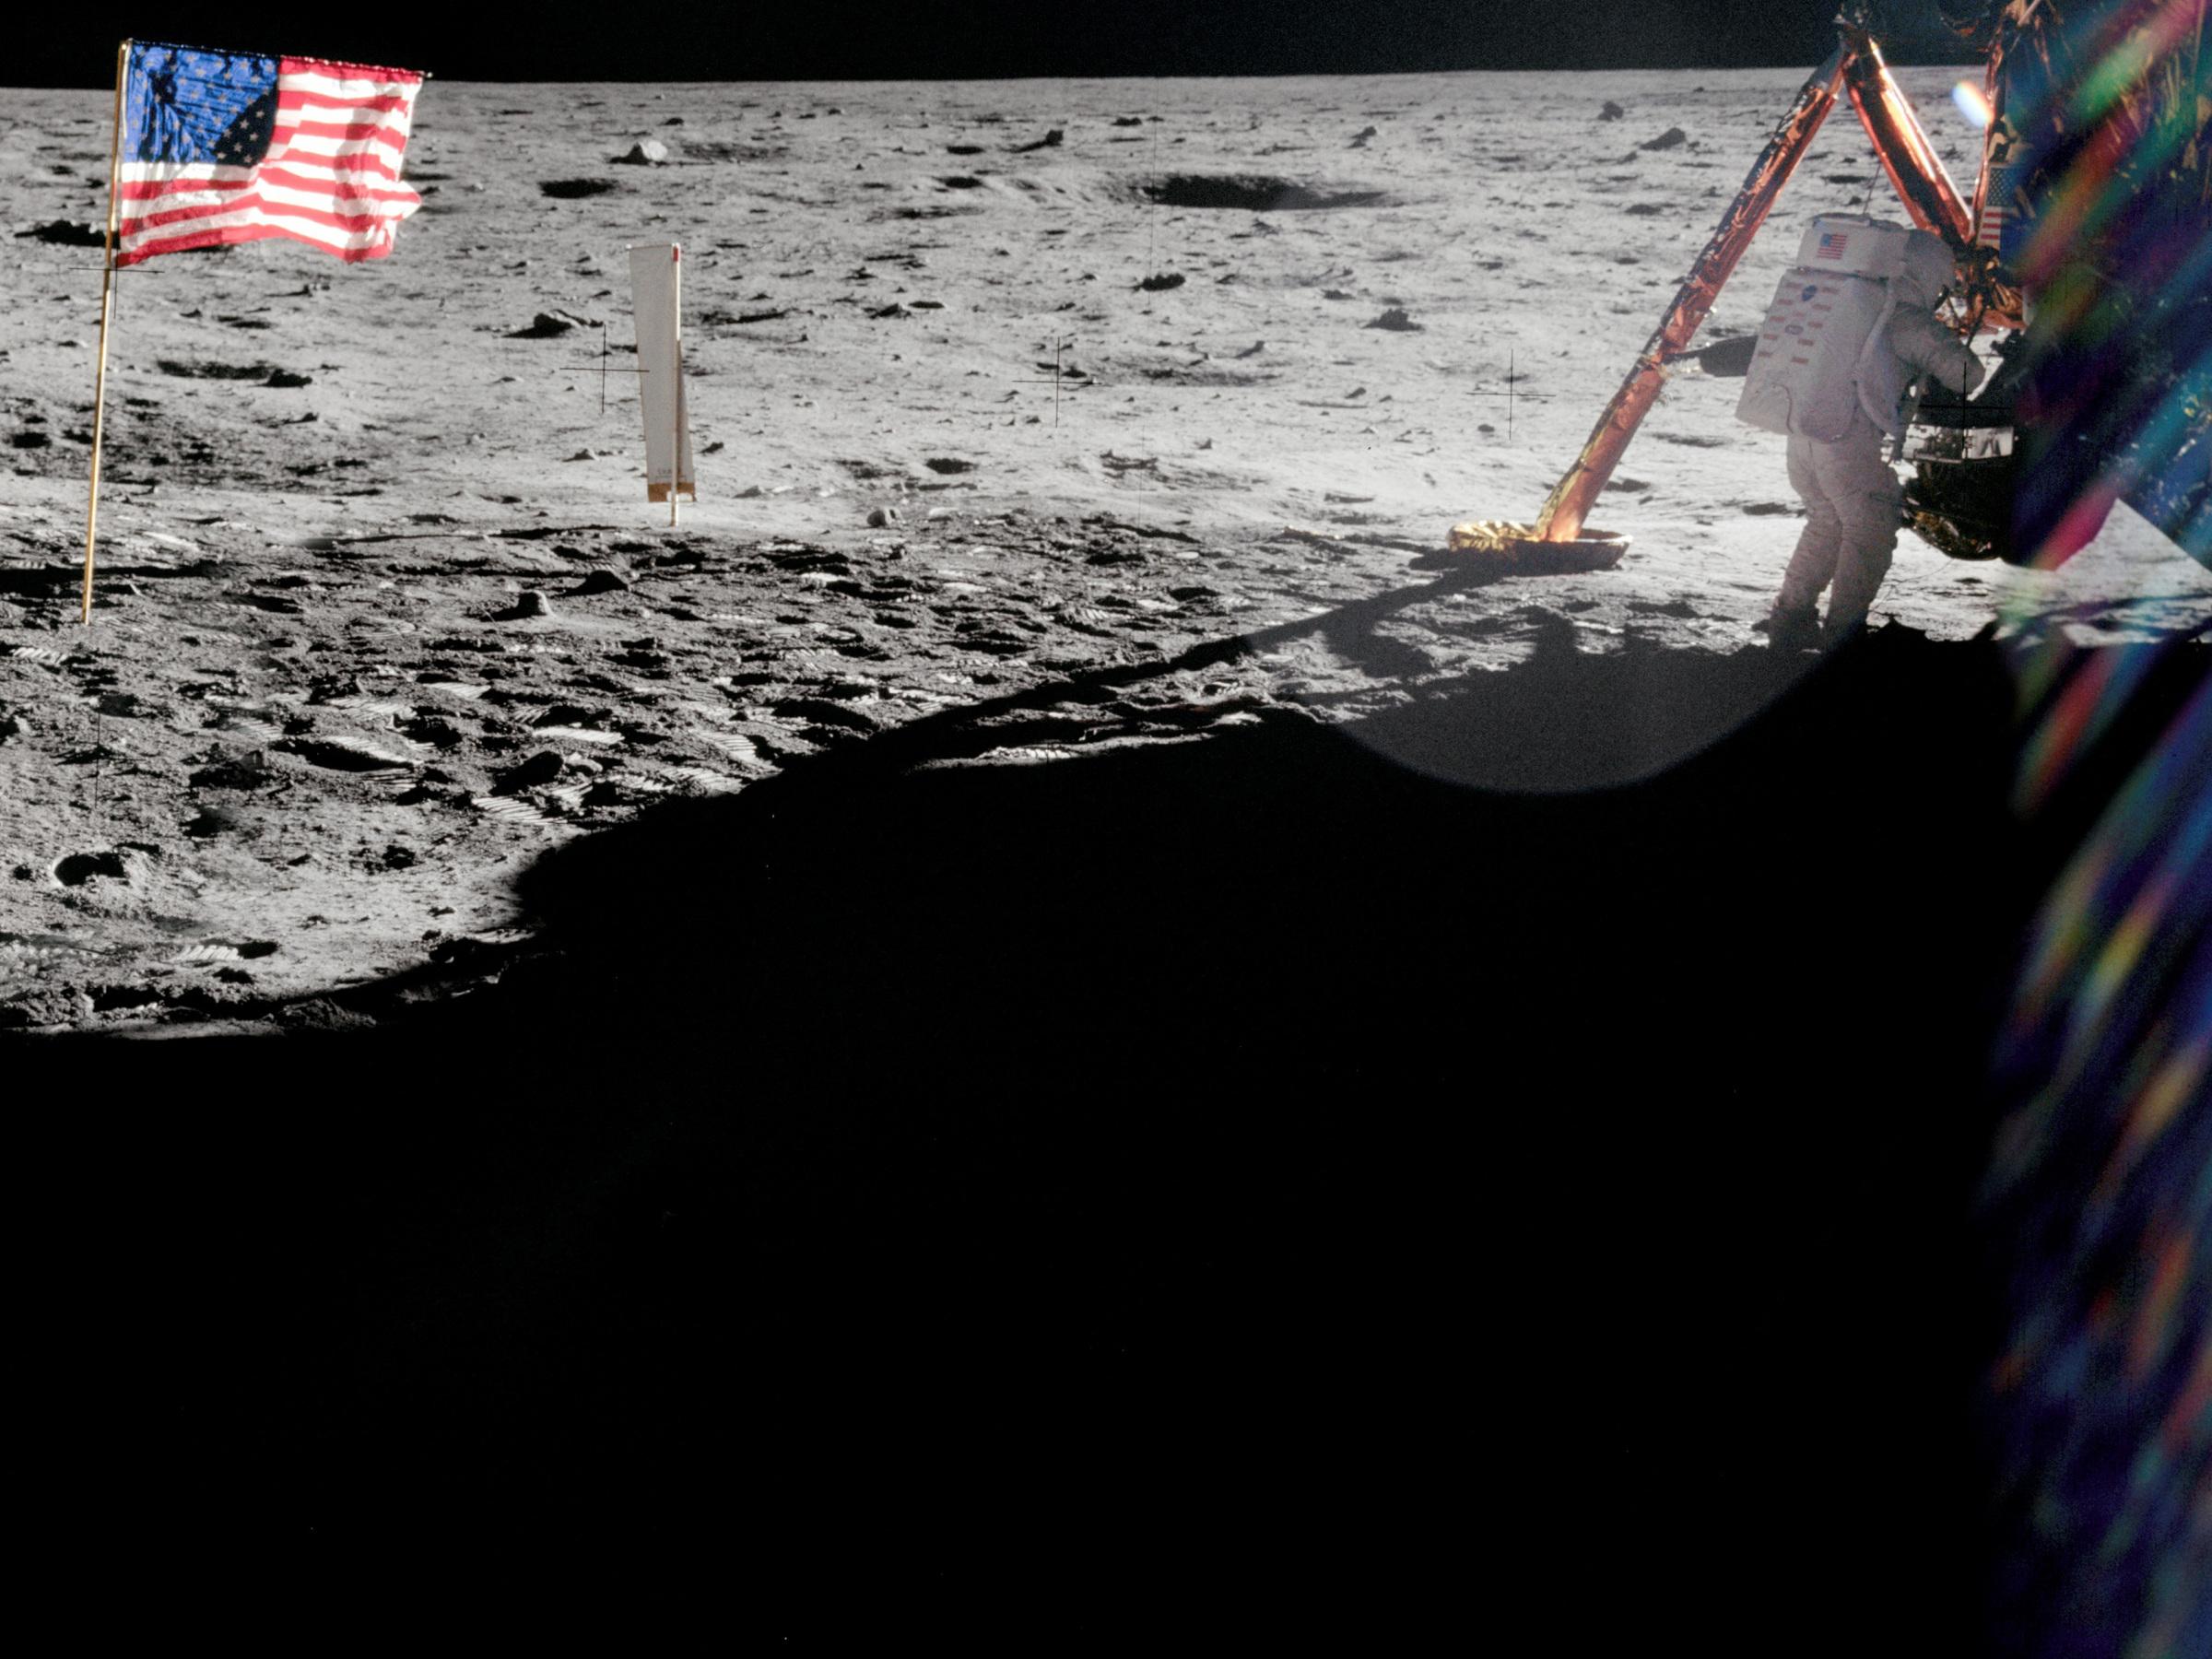 Neil Armstrong podczas pracy przy księżycowym module Eagle